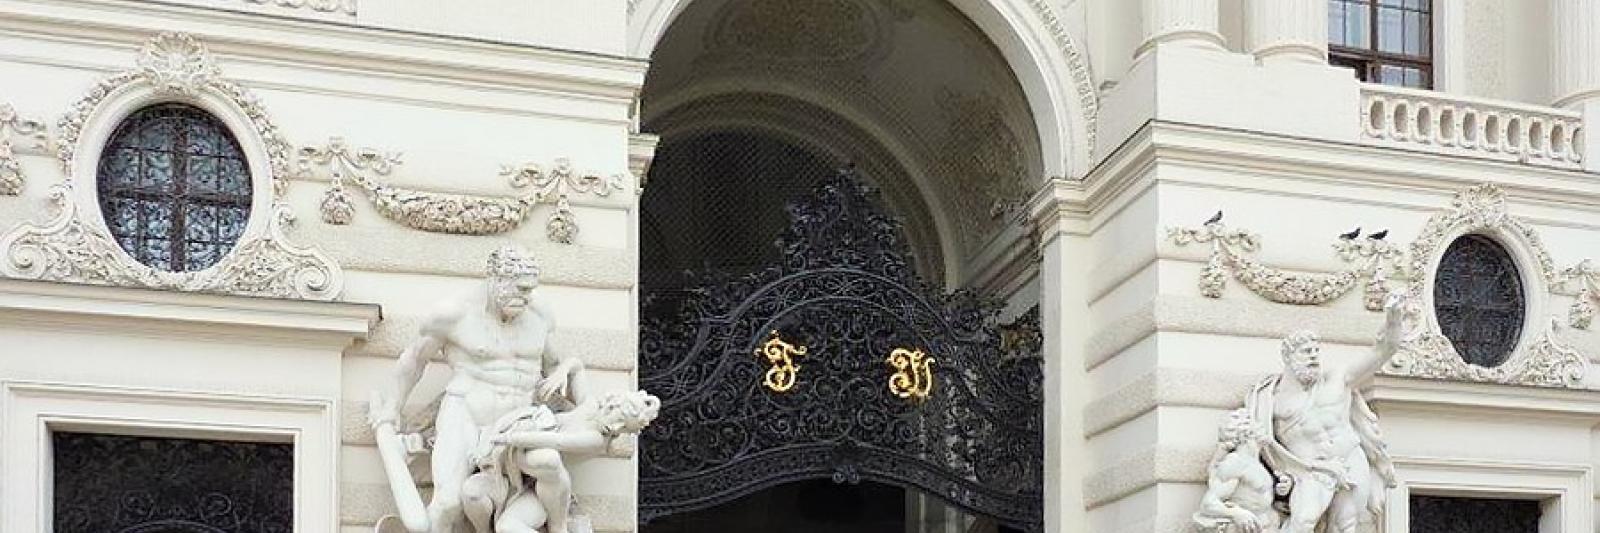 Rudolf Rengshausen: Sandstrahlen des Michaelertors bei der Wiener Hofburg, sowohl im Betrieb als auch vor Ort.